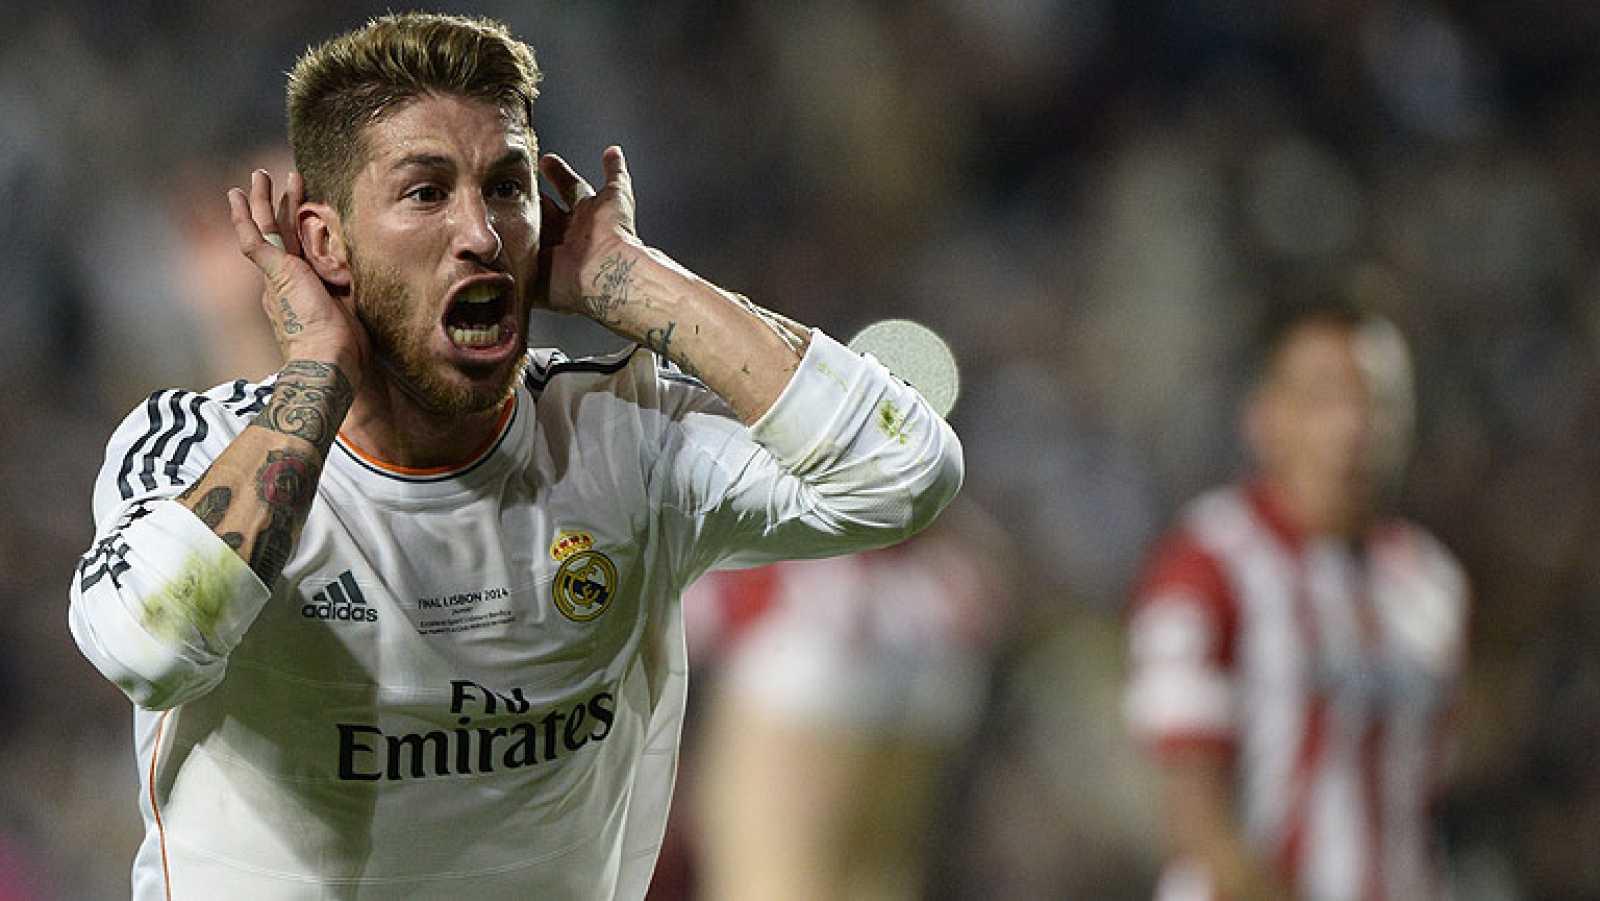 Un gol de Sergio Ramos de cabeza en el minuto 93 ha forzado la prórroga de la final de Champions contra el Atlético de Madrid.